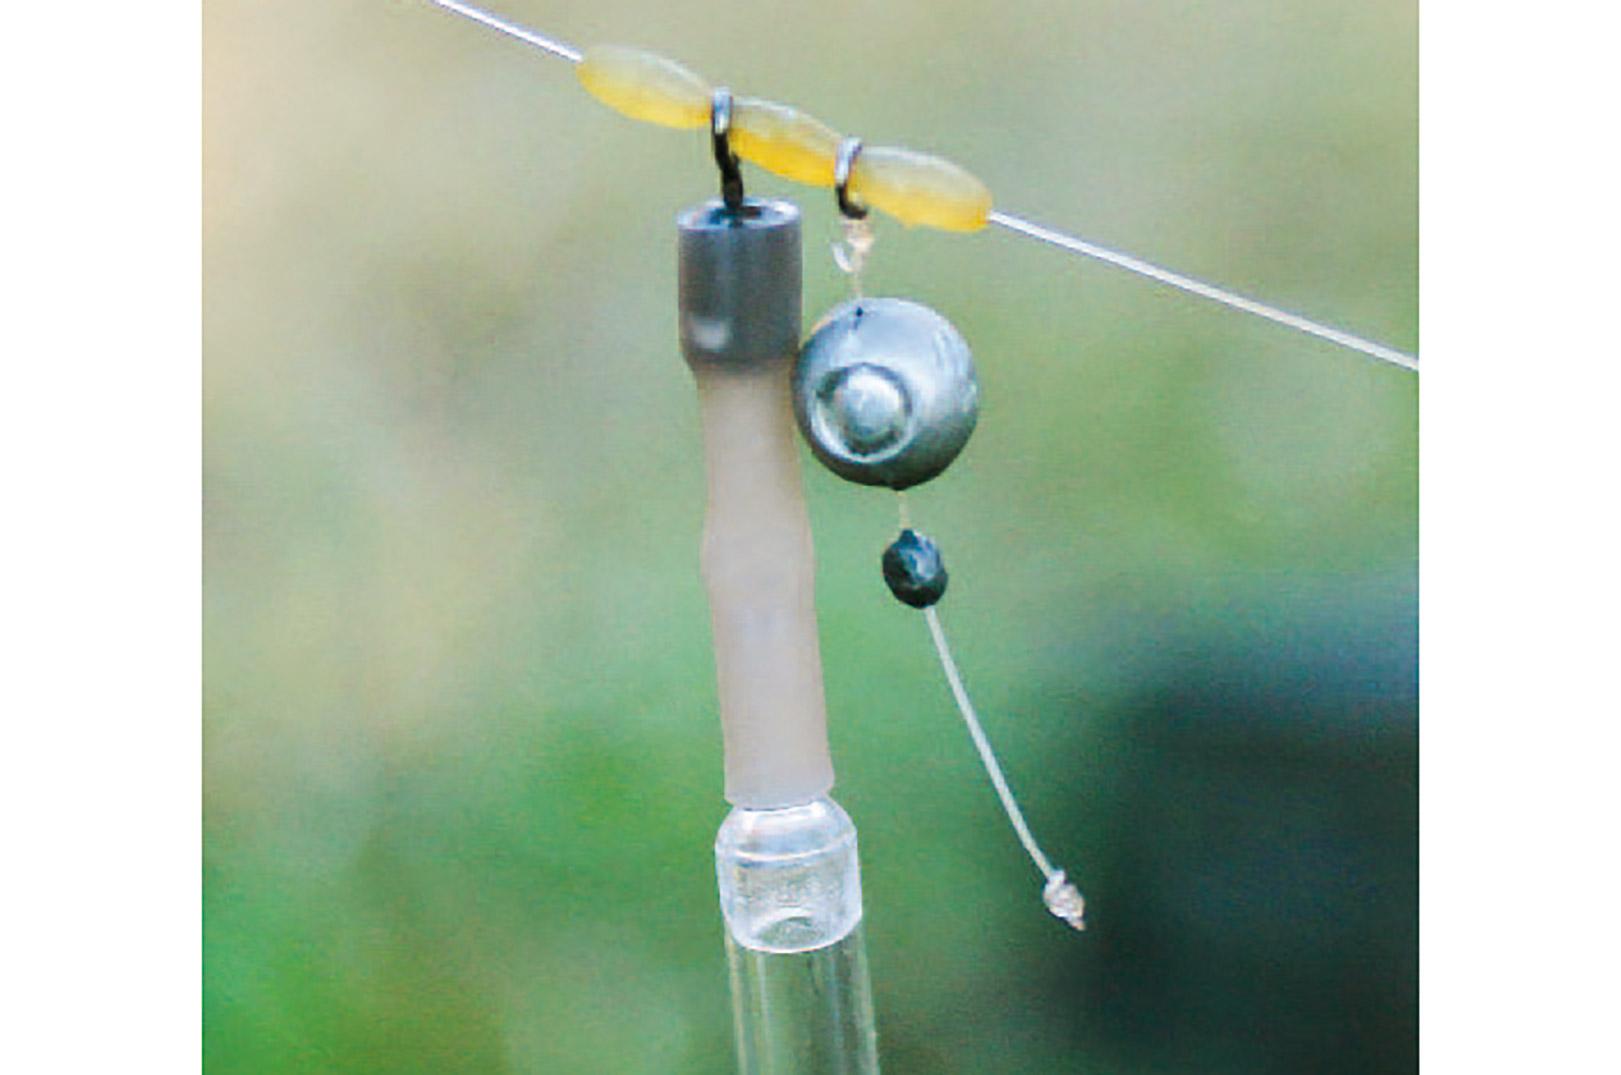 Flådrigget med splithaglet er monteret på et separat stykke line, for ikke at skade hovedlinen.